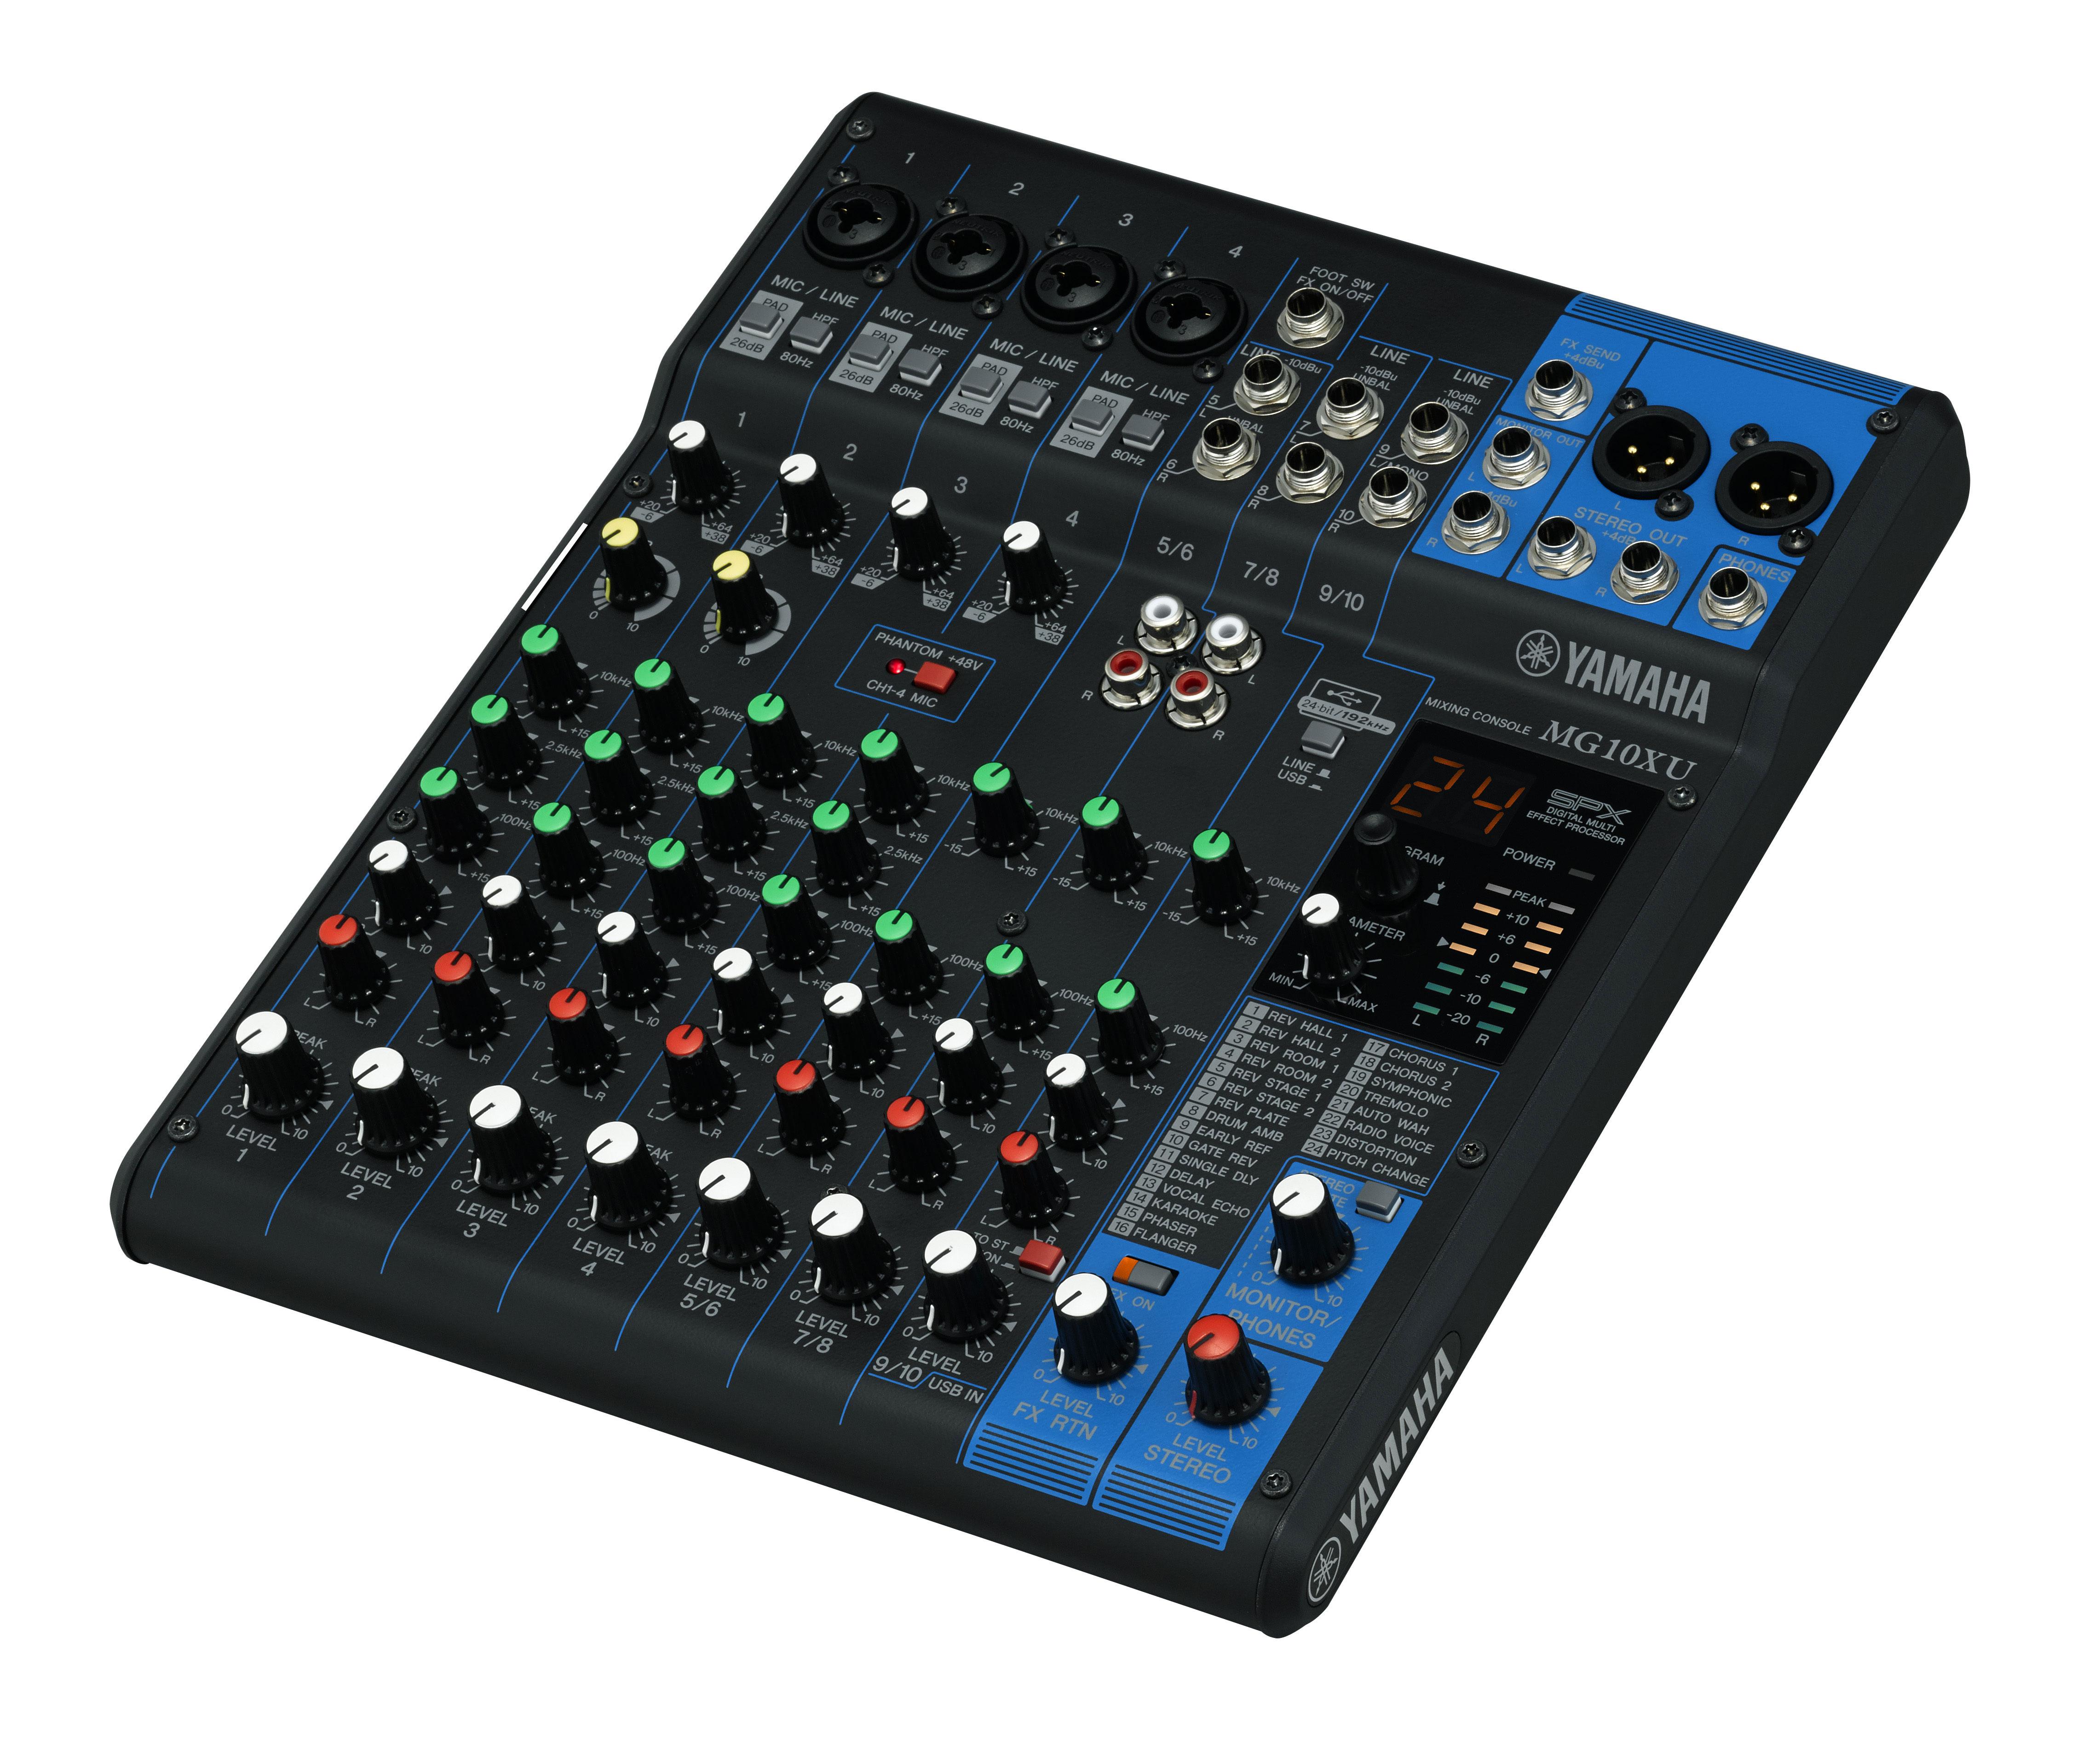 Yamaha MG10XU | Audio Mixer | Audio Mixer | Audio - New